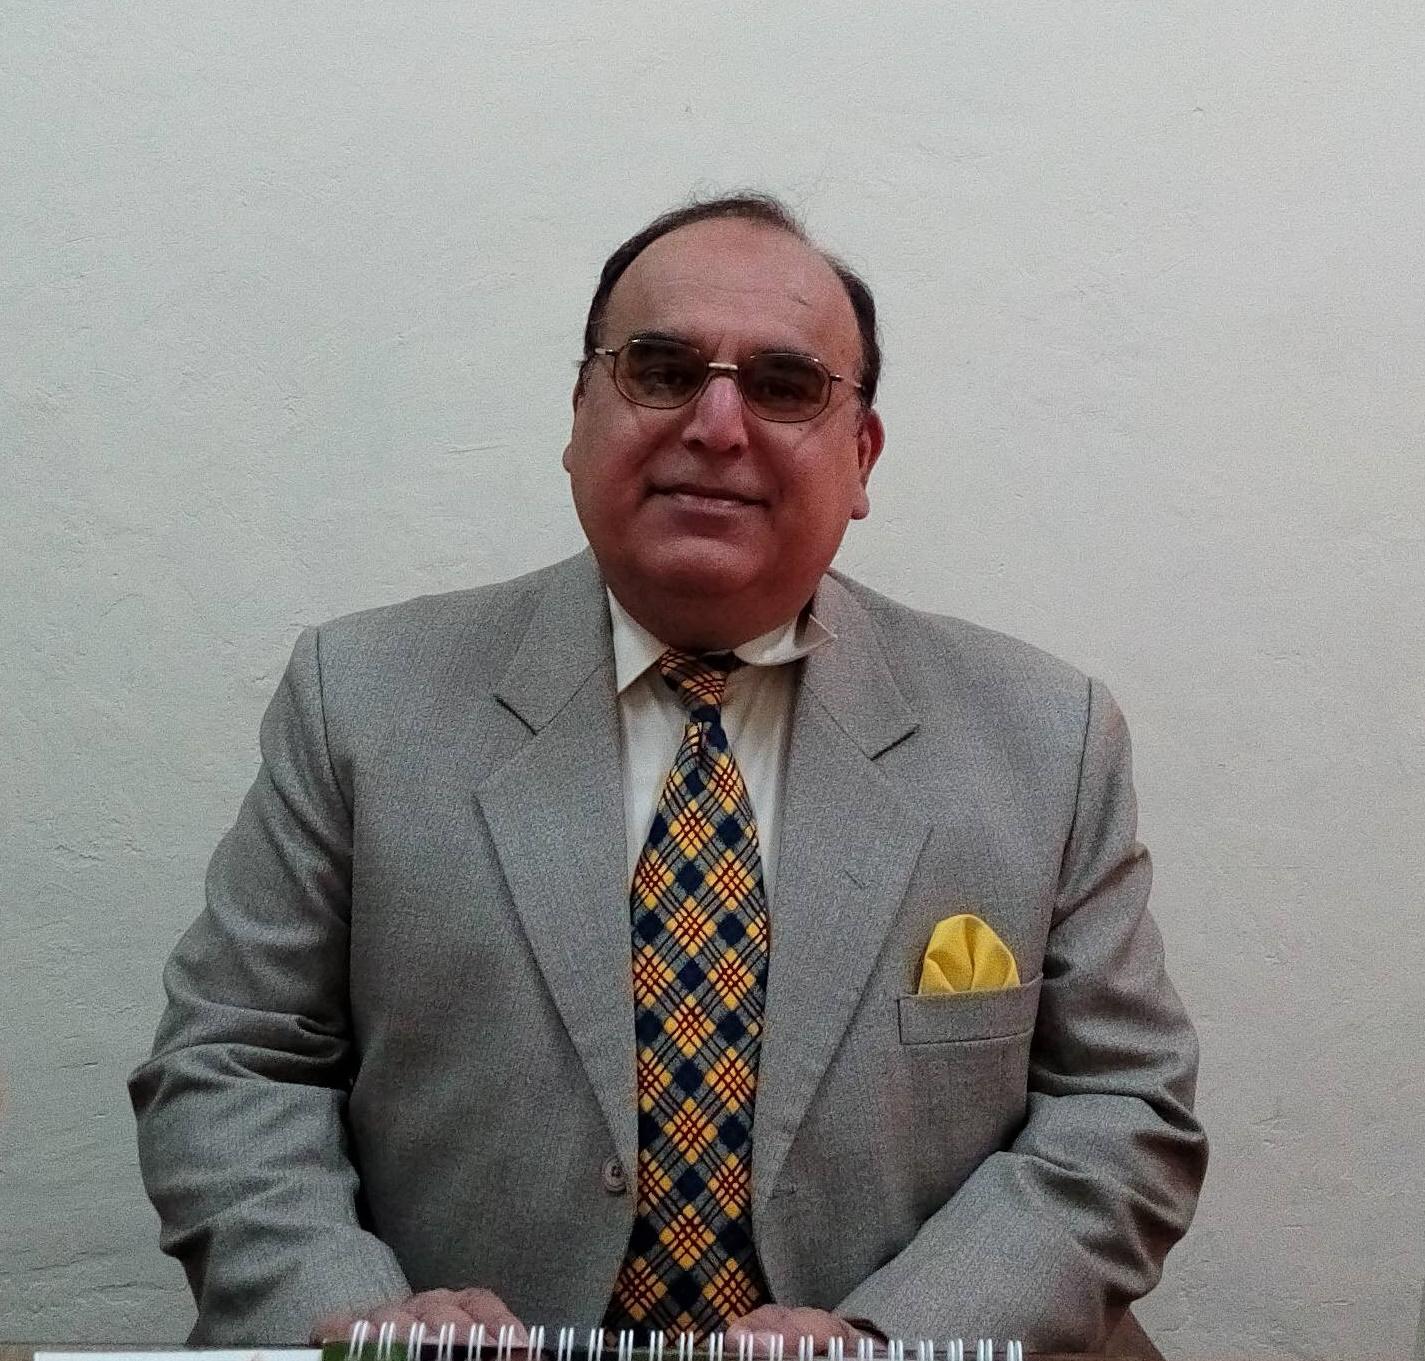 Jawad afzal